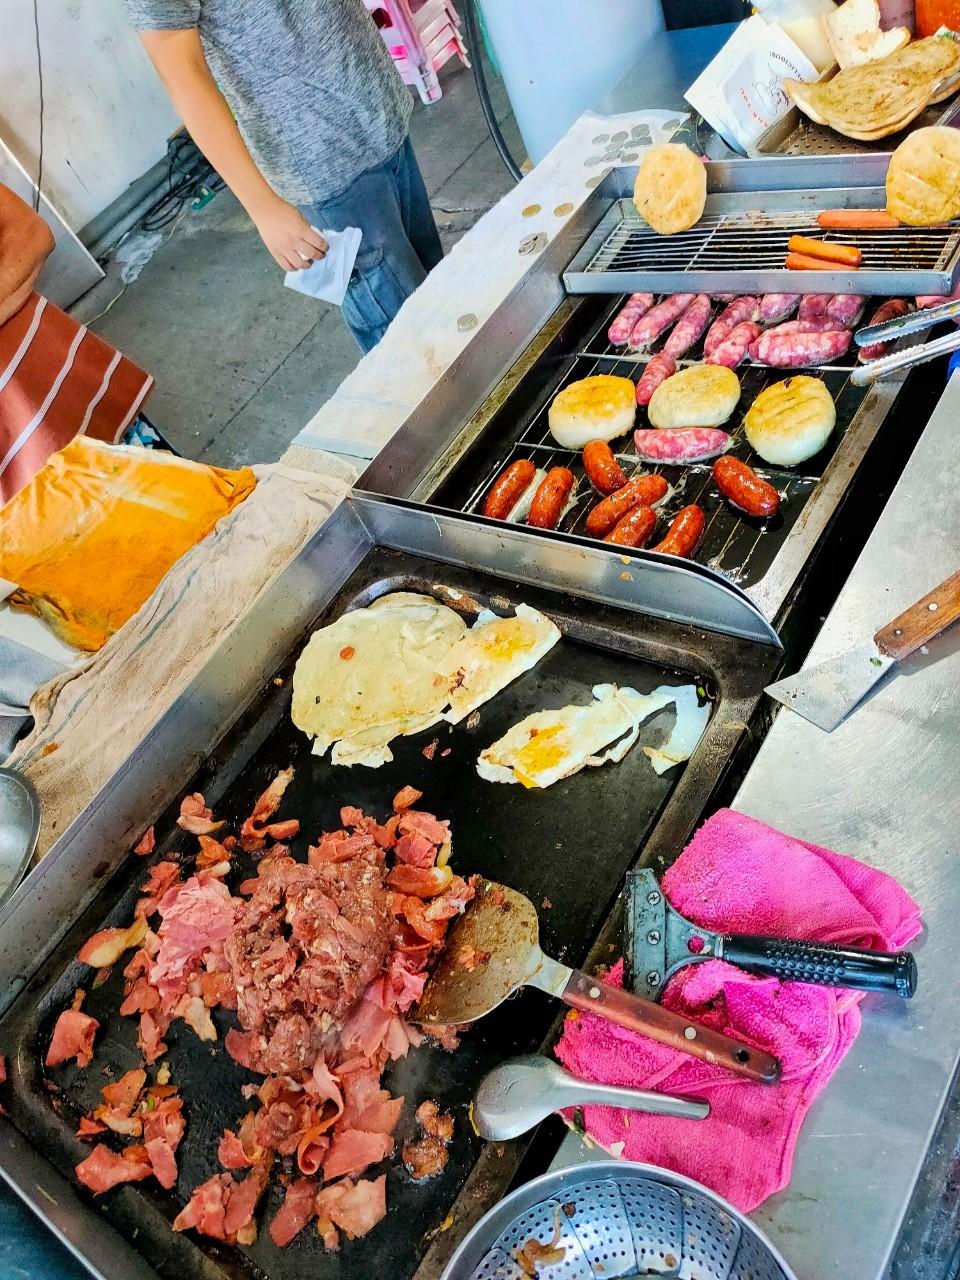 大園下午茶,大園小吃,大園美食,綜合香腸拉餅,老店,菓林美食,誠實商店,韭菜餡餅,香酥拉餅,黃昏市場